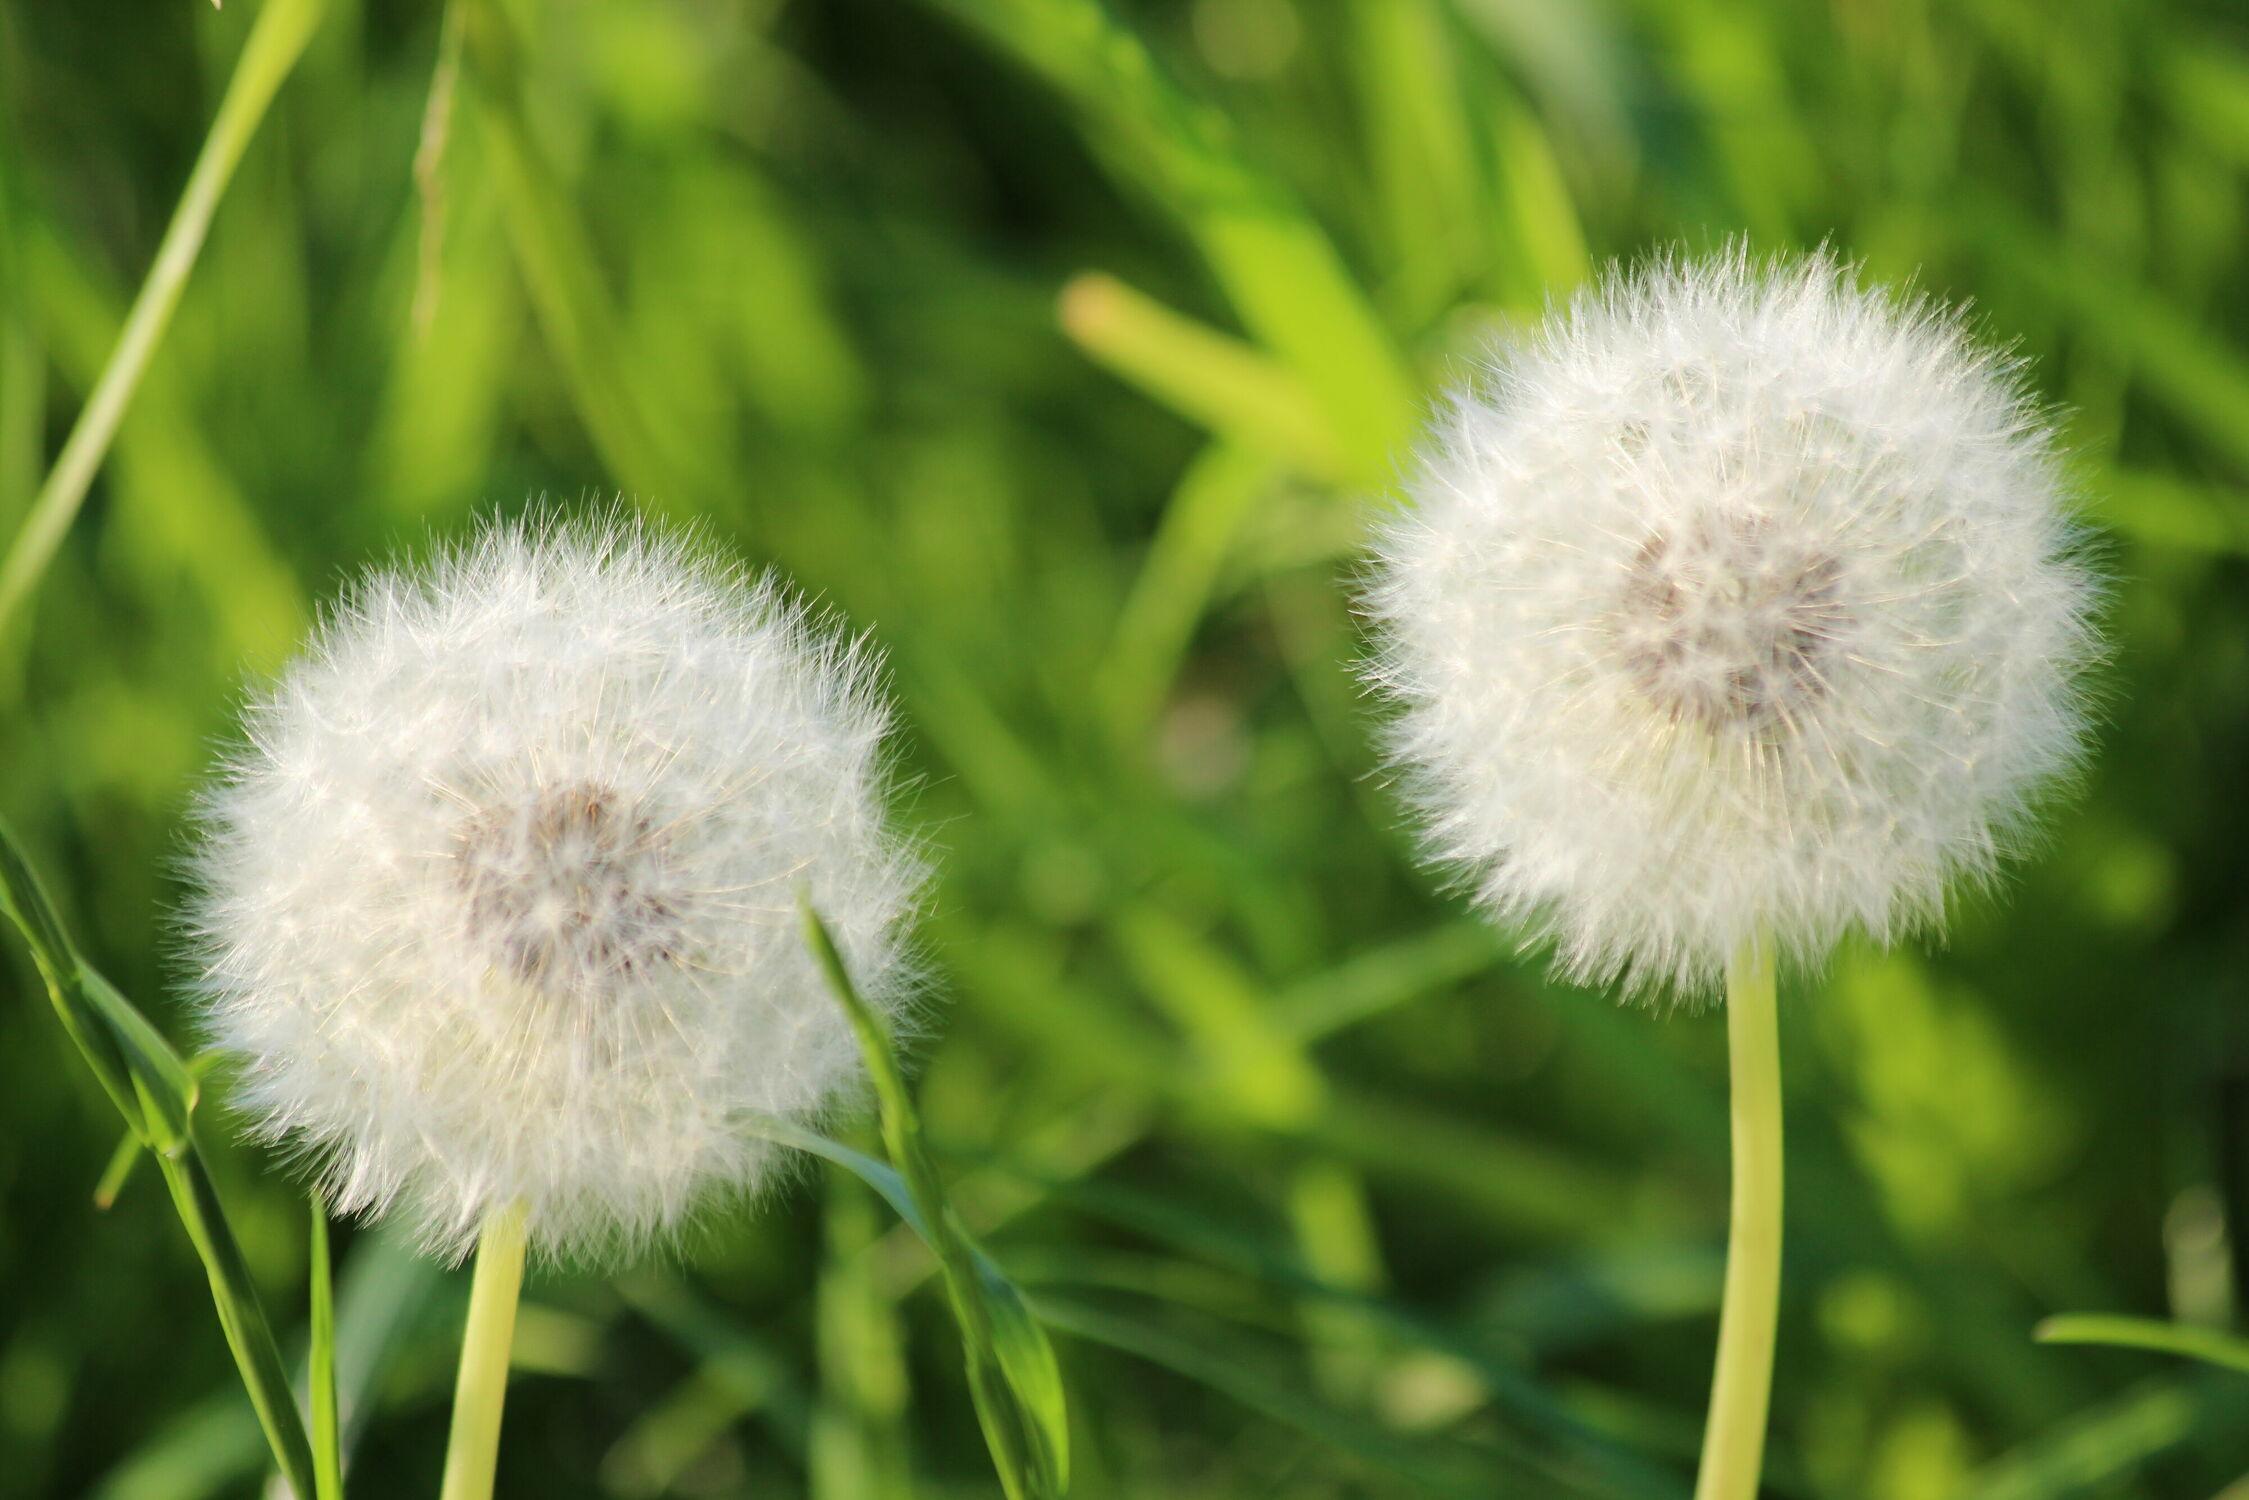 Bild mit Natur, Grün, Sommer, Blume, Pflanze, Löwenzahn, Pusteblumen